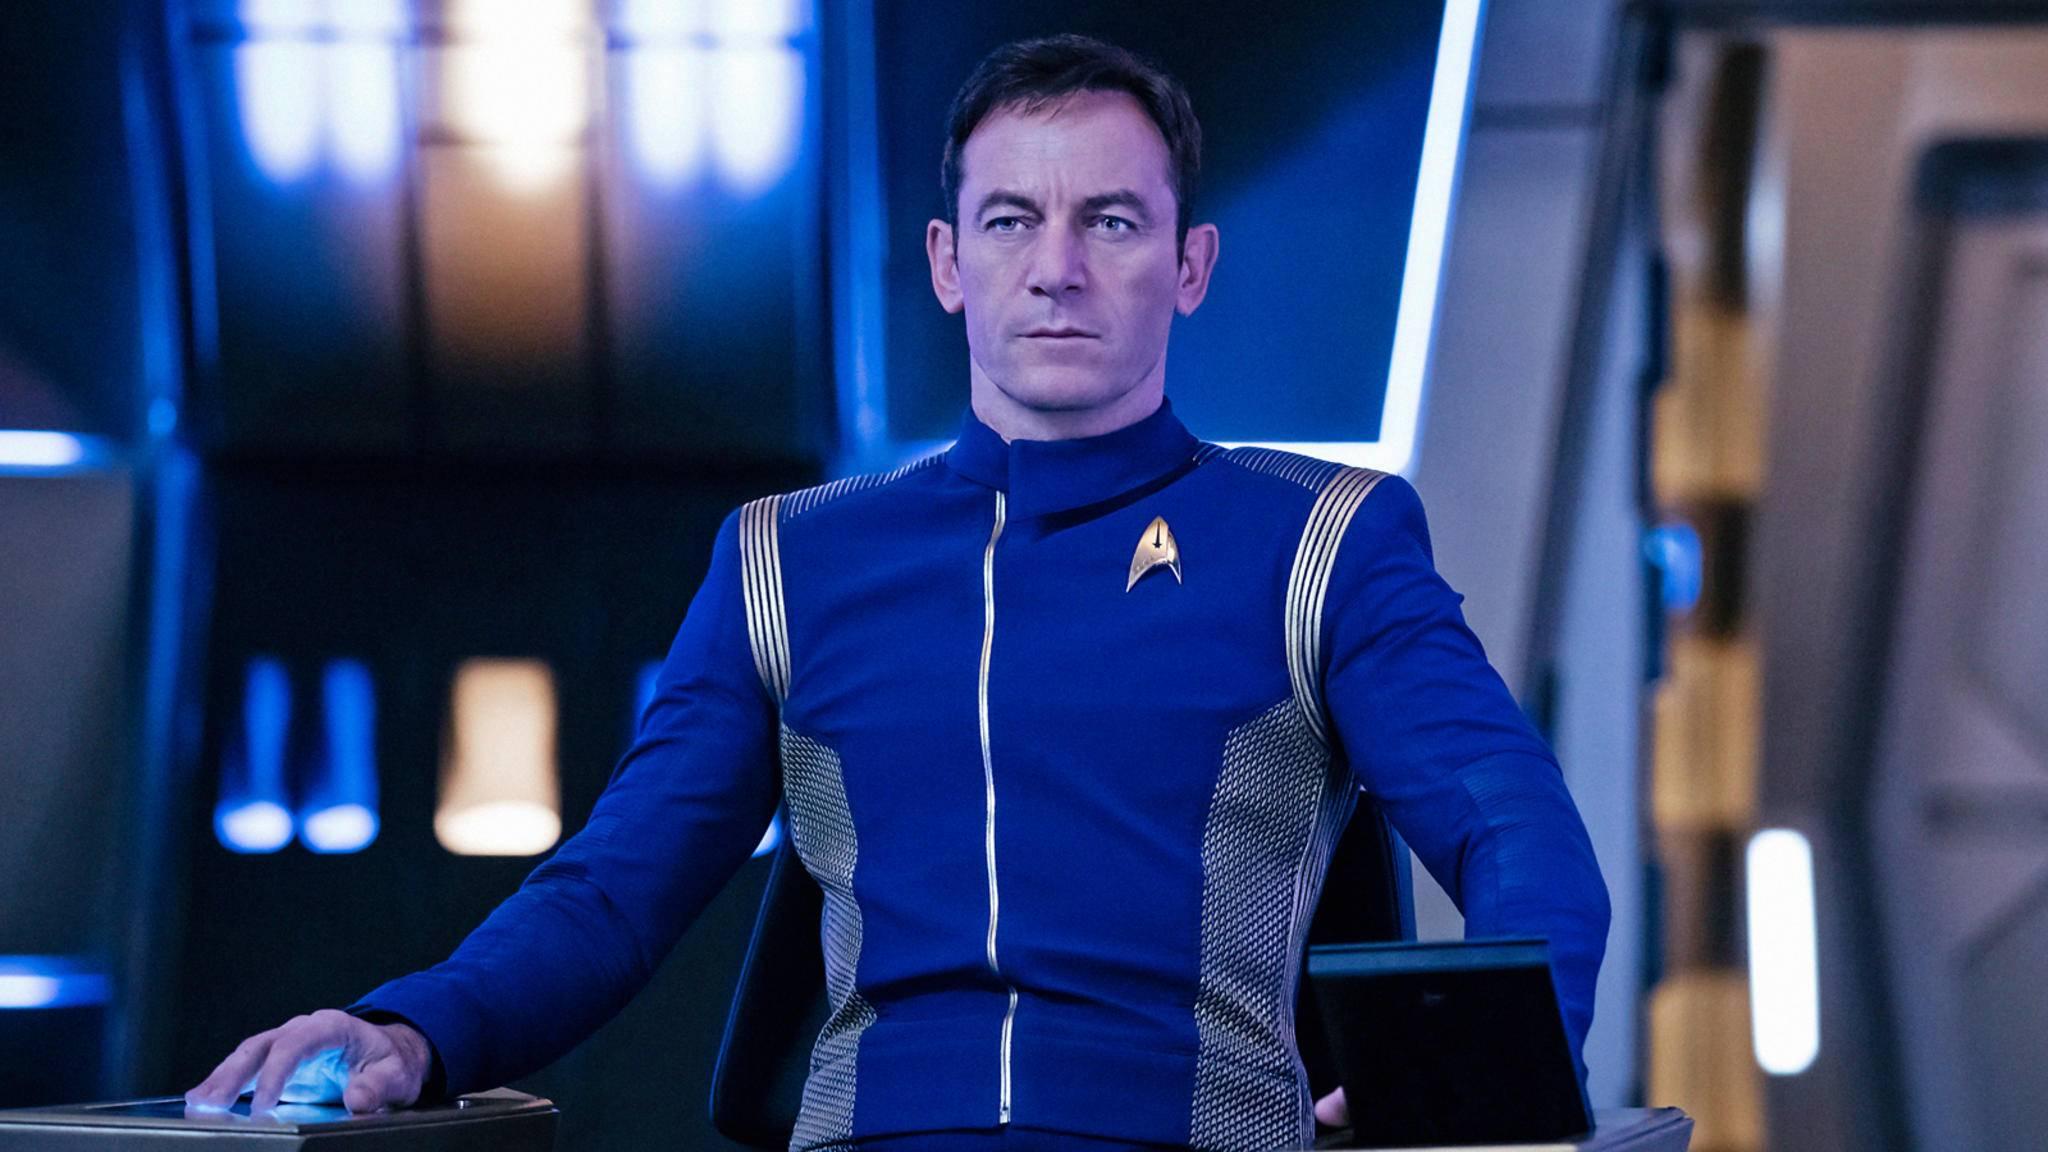 Captain Lorca unterscheidet sich deutlich von bisherigen Sternenflottenkommandanten.